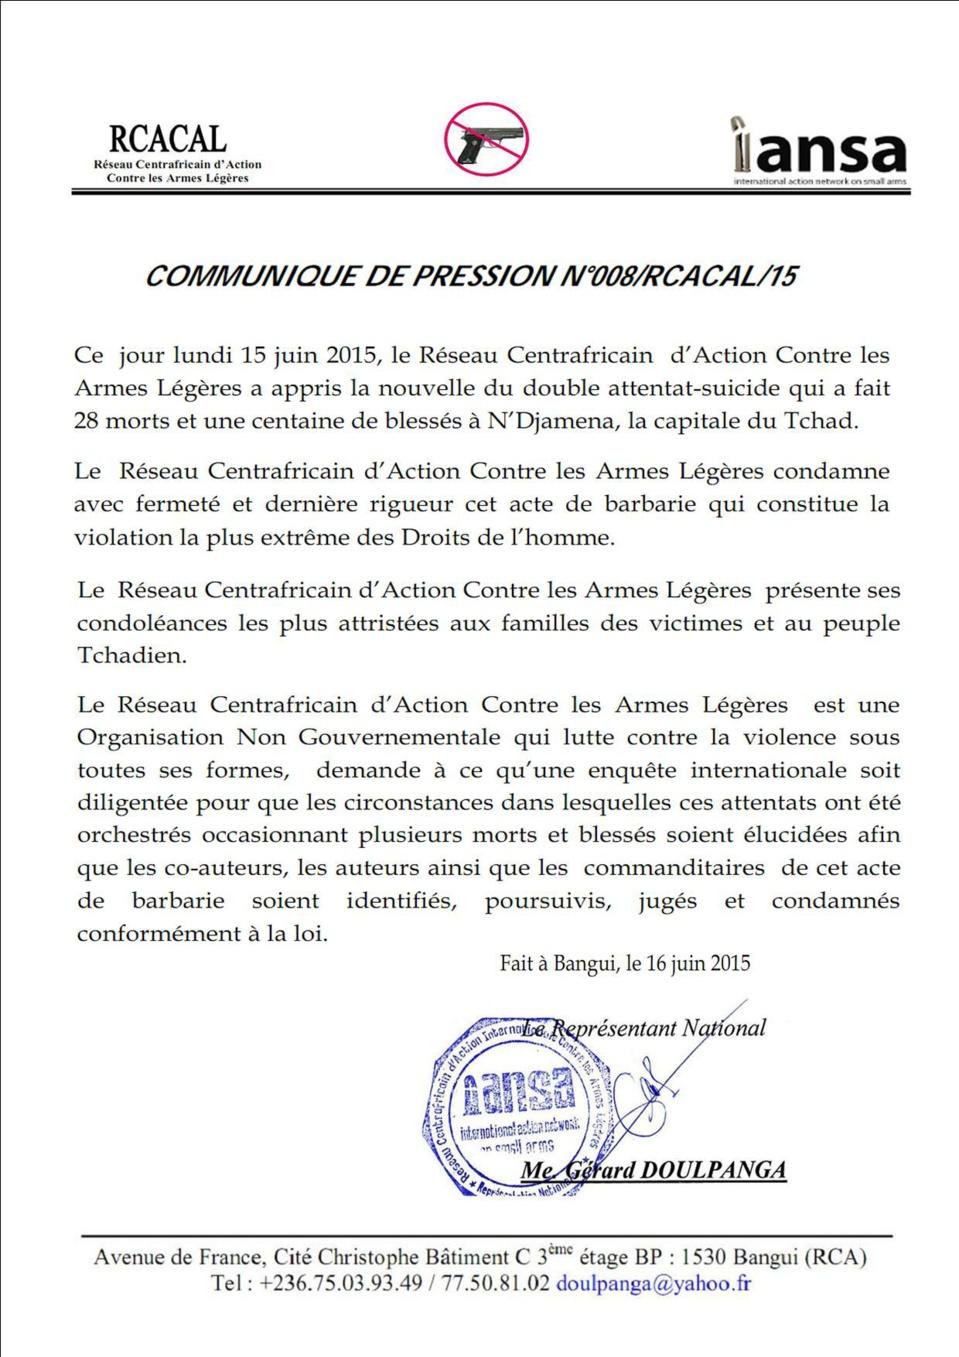 Le Réseau Centrafricain d'Action Contre les Armes Légères condamne les attentats de N'Djamena